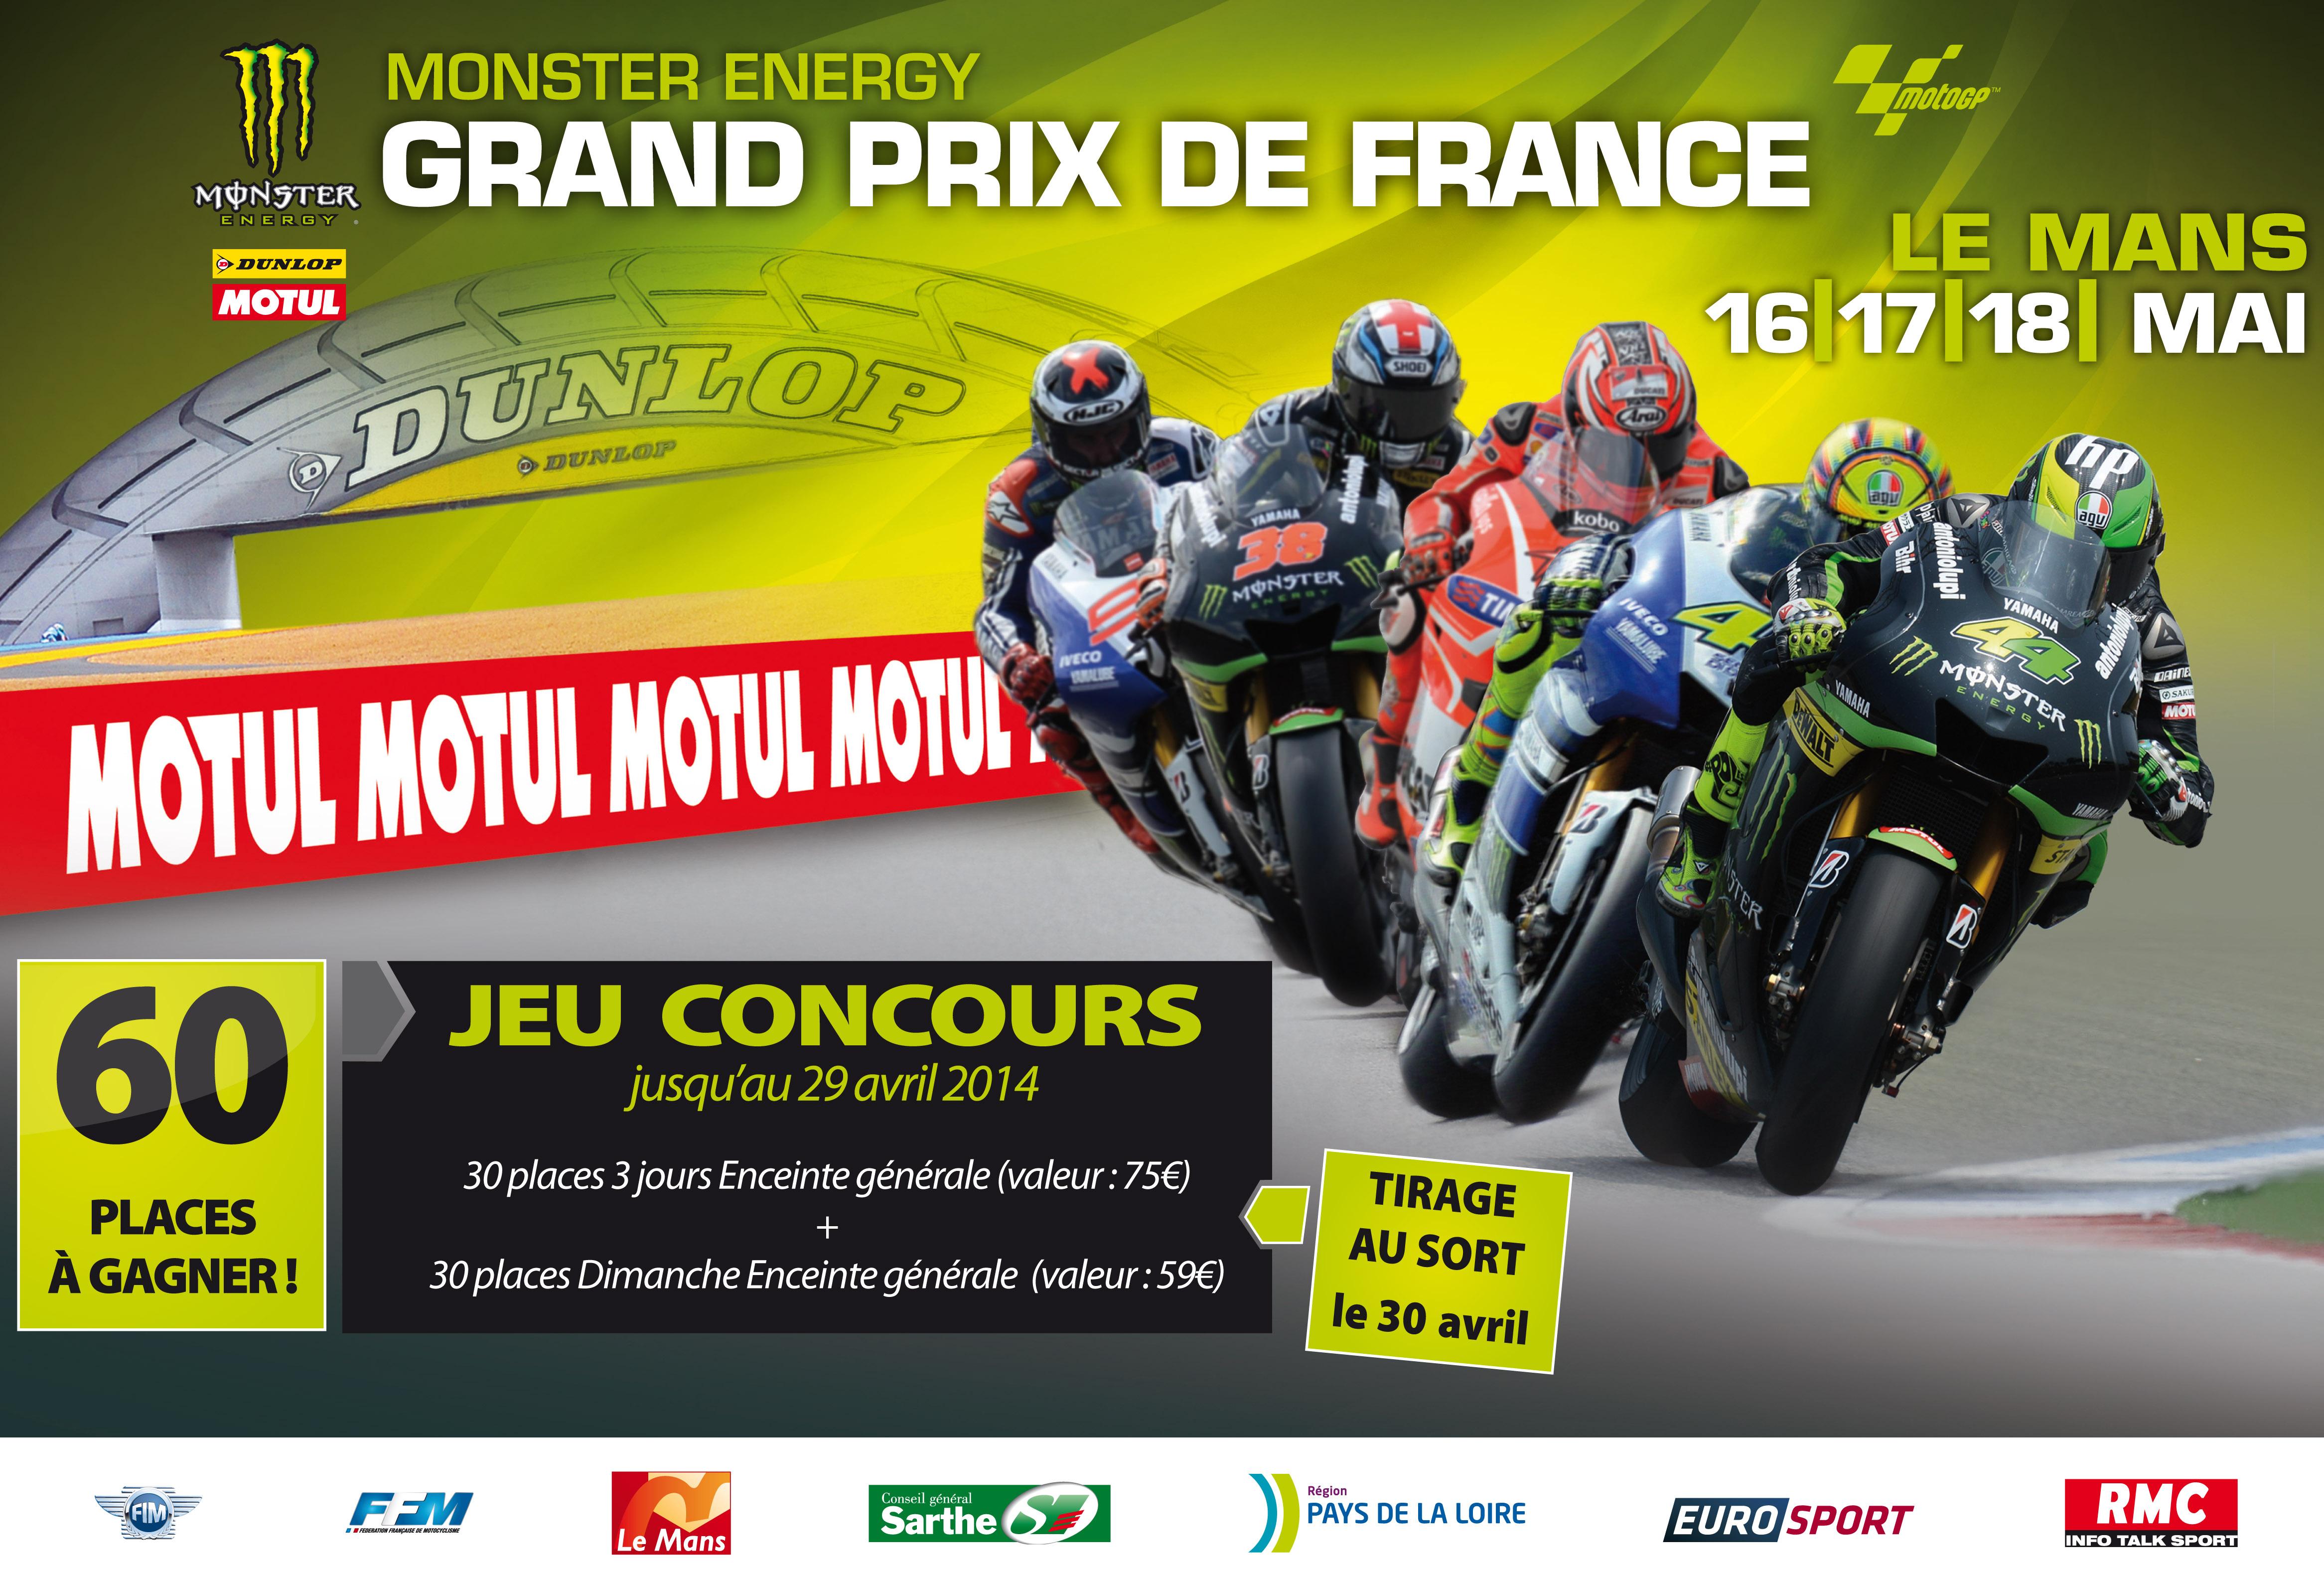 Concours MotoGP Motoblouz